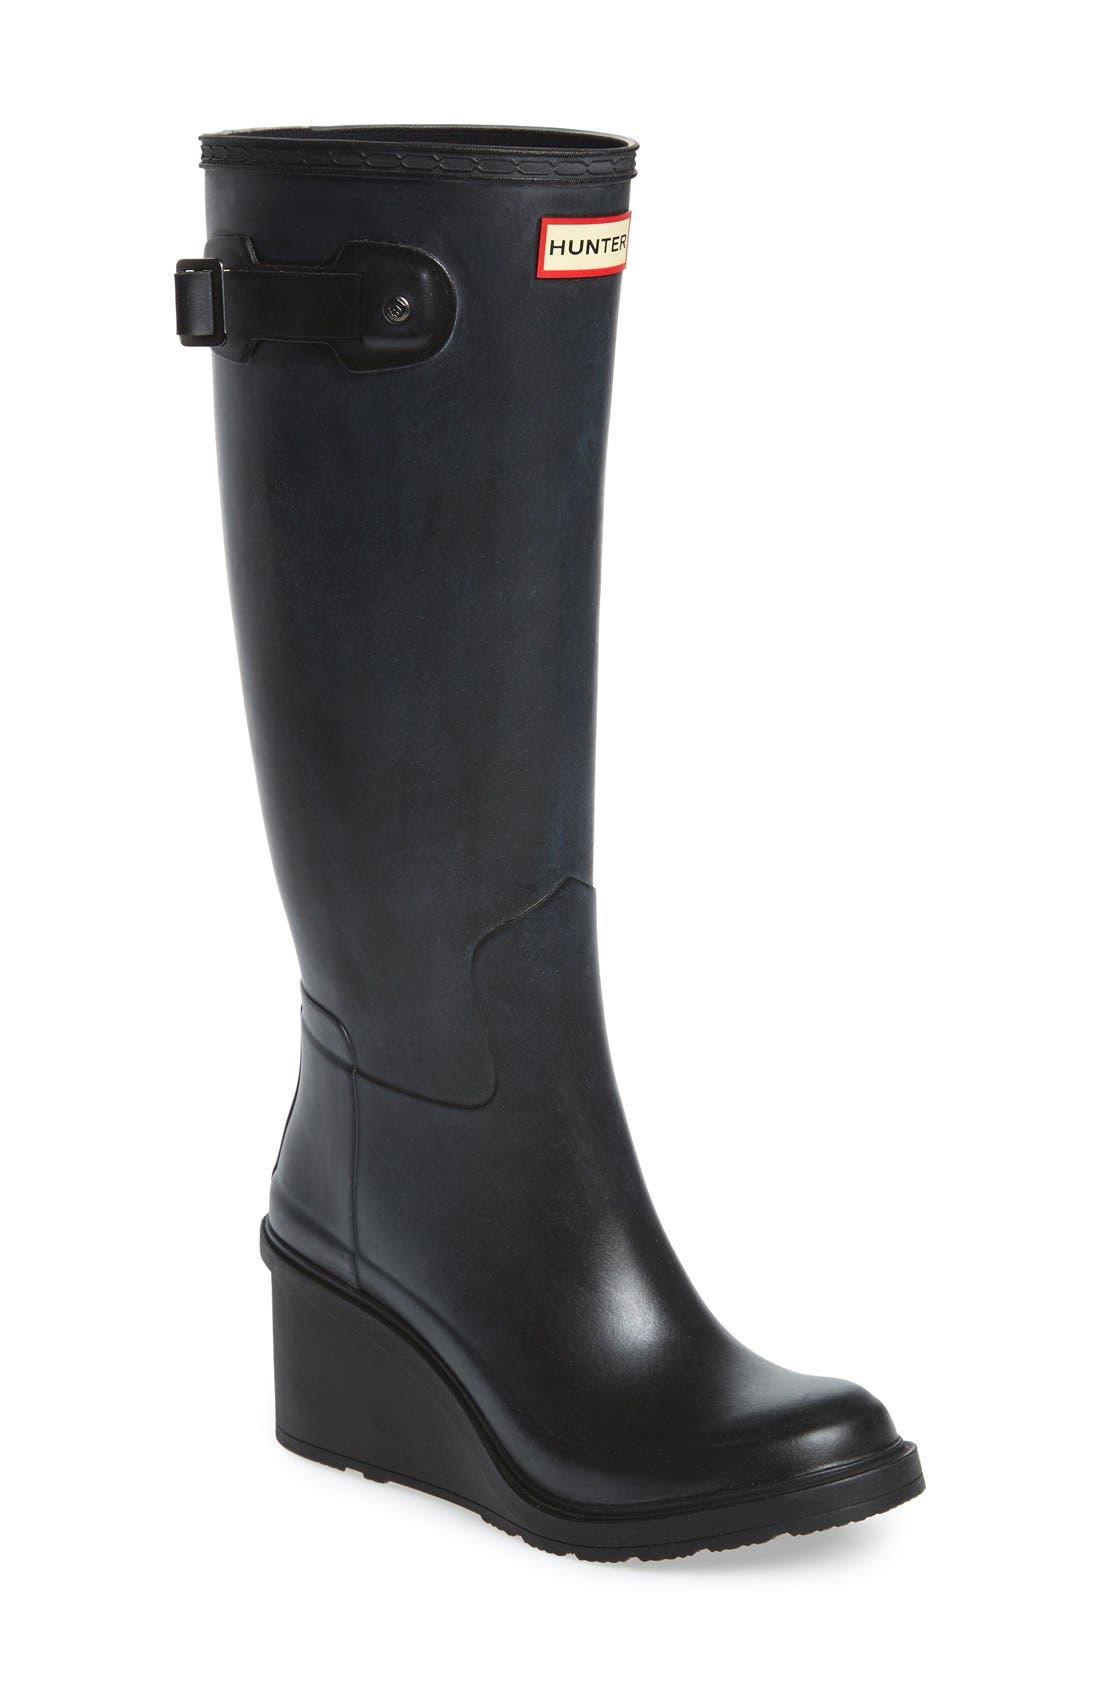 Alternate Image 1 Selected - Hunter Original Refined Wedge Rain Boot (Women)